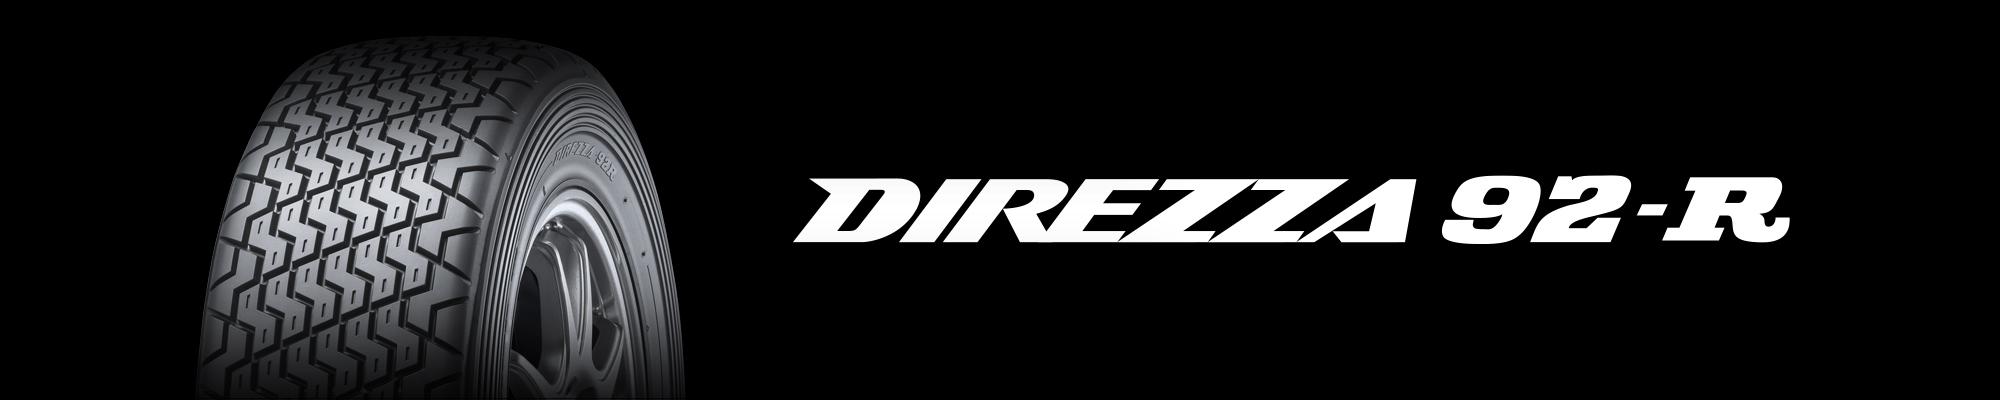 DIREZZA 92-R